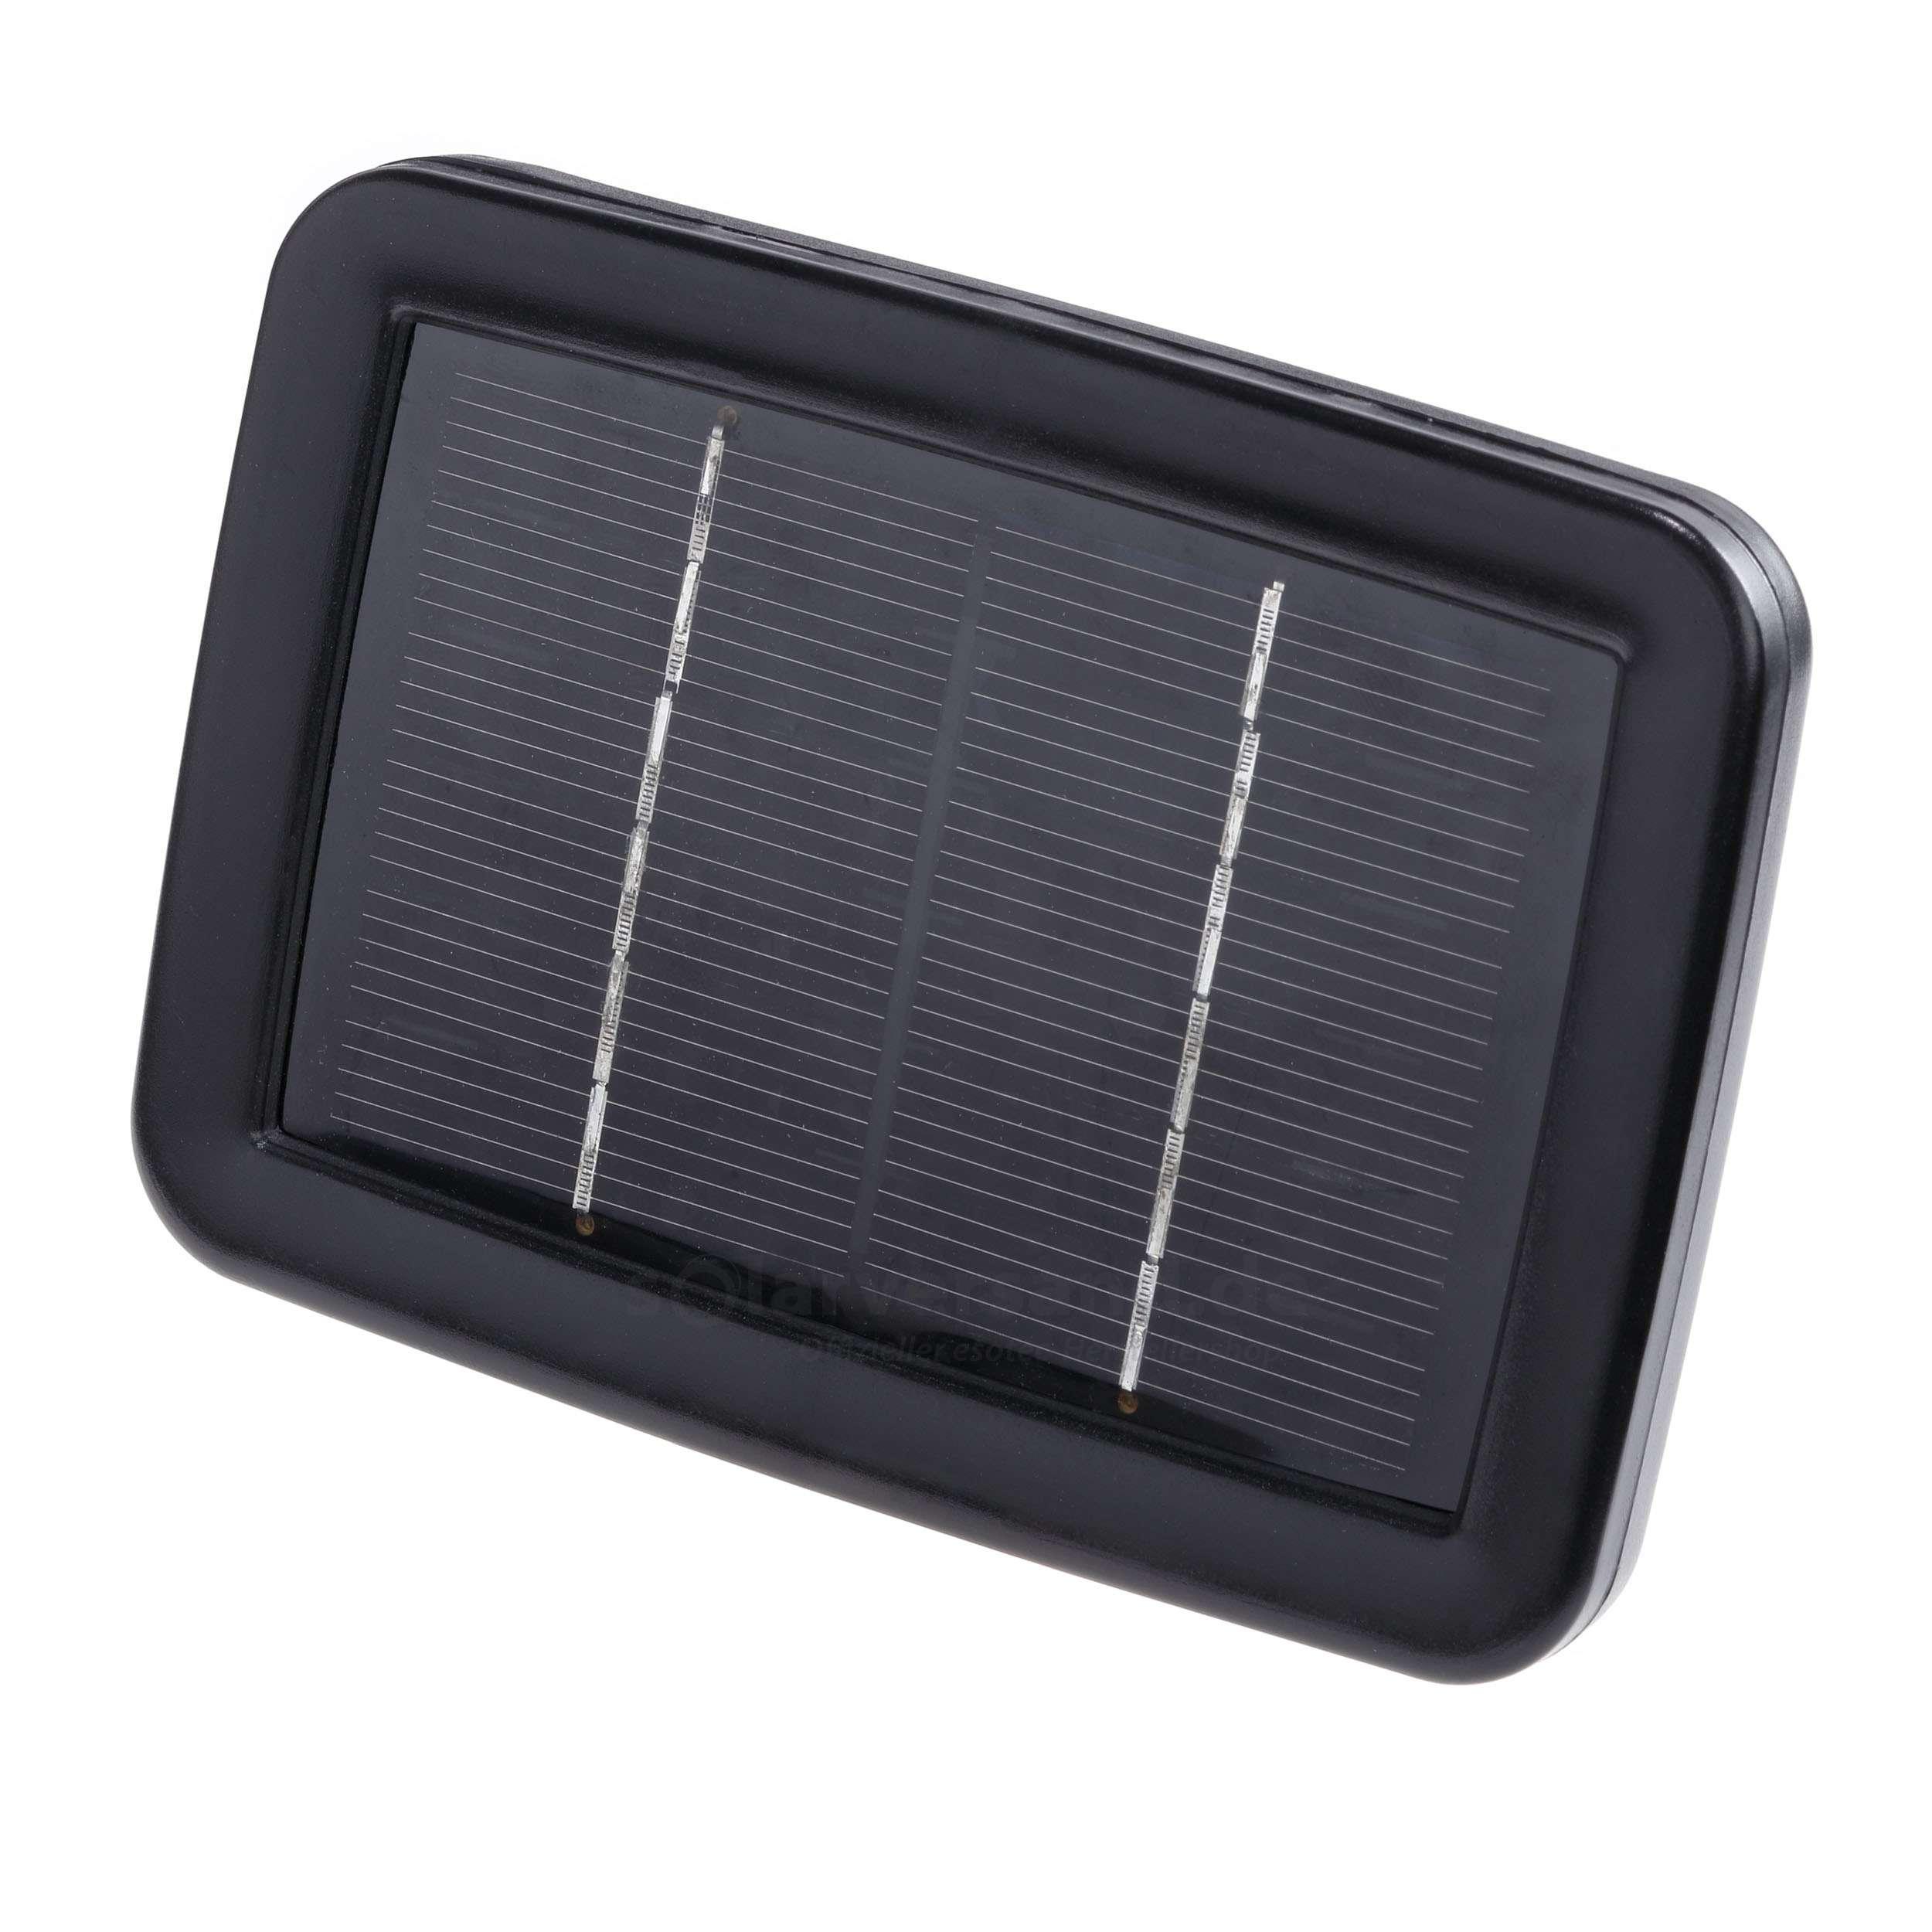 Solarleuchten Ersatzteile & Zubehör